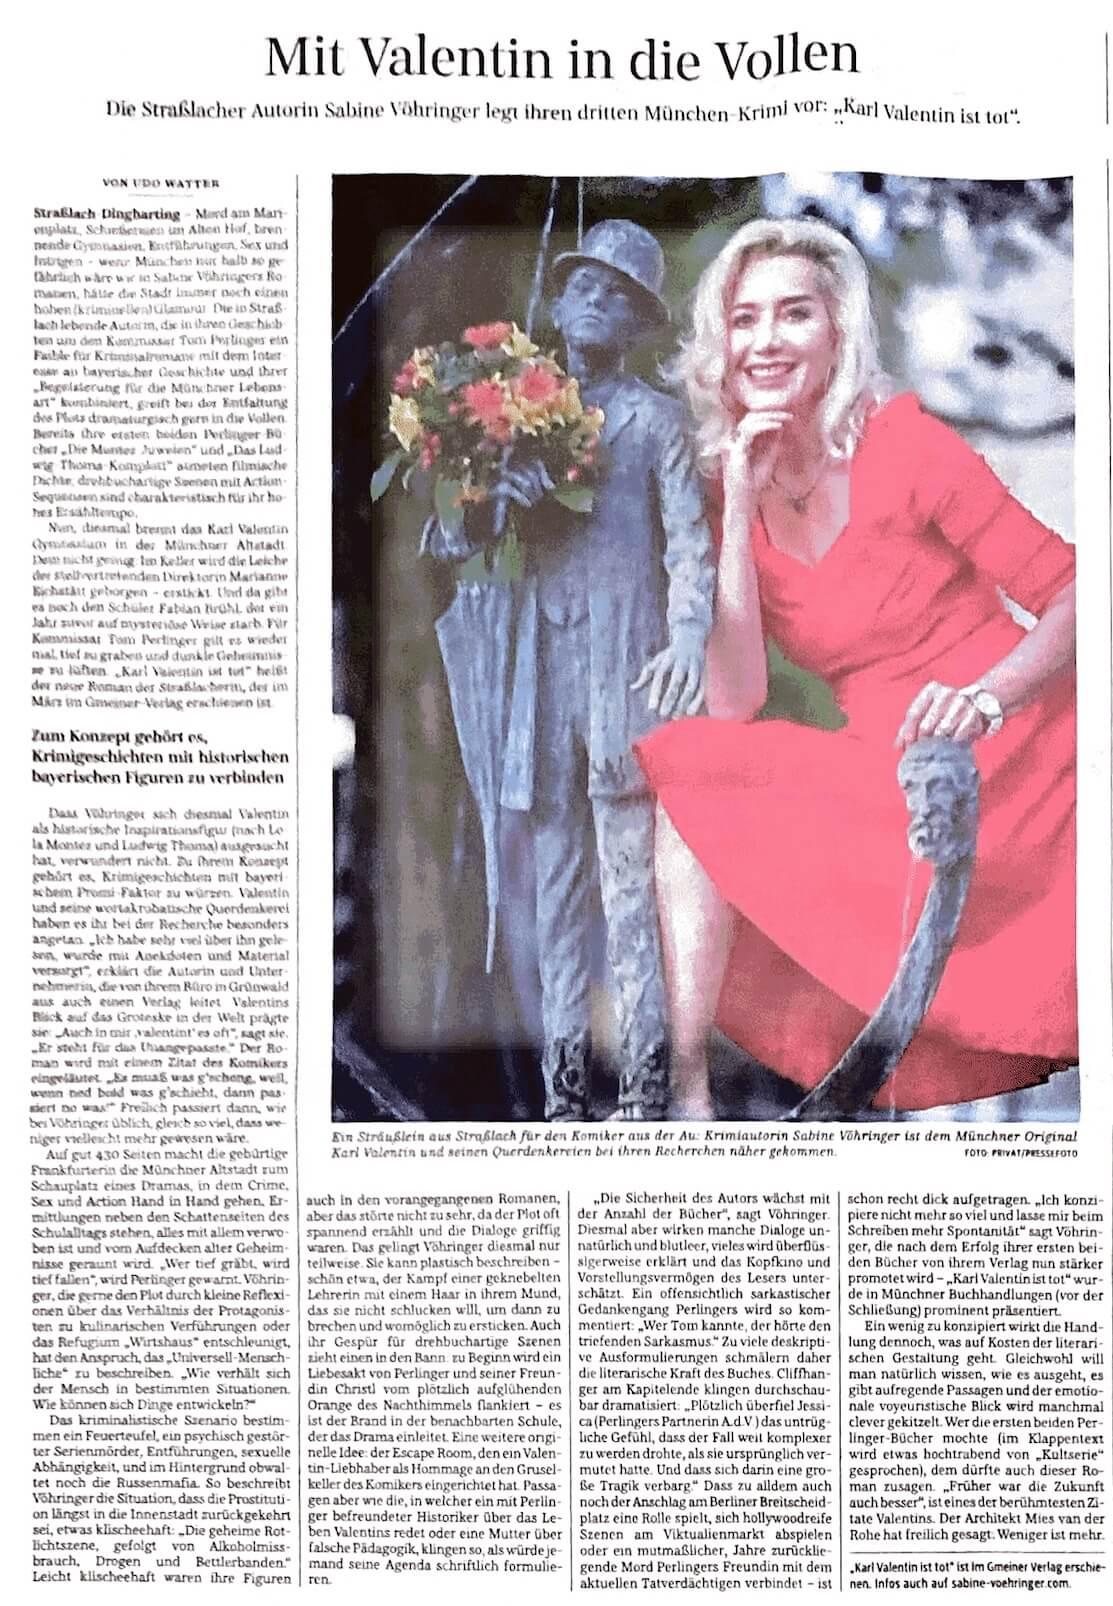 Süddeutsche Sabine Vöhringer